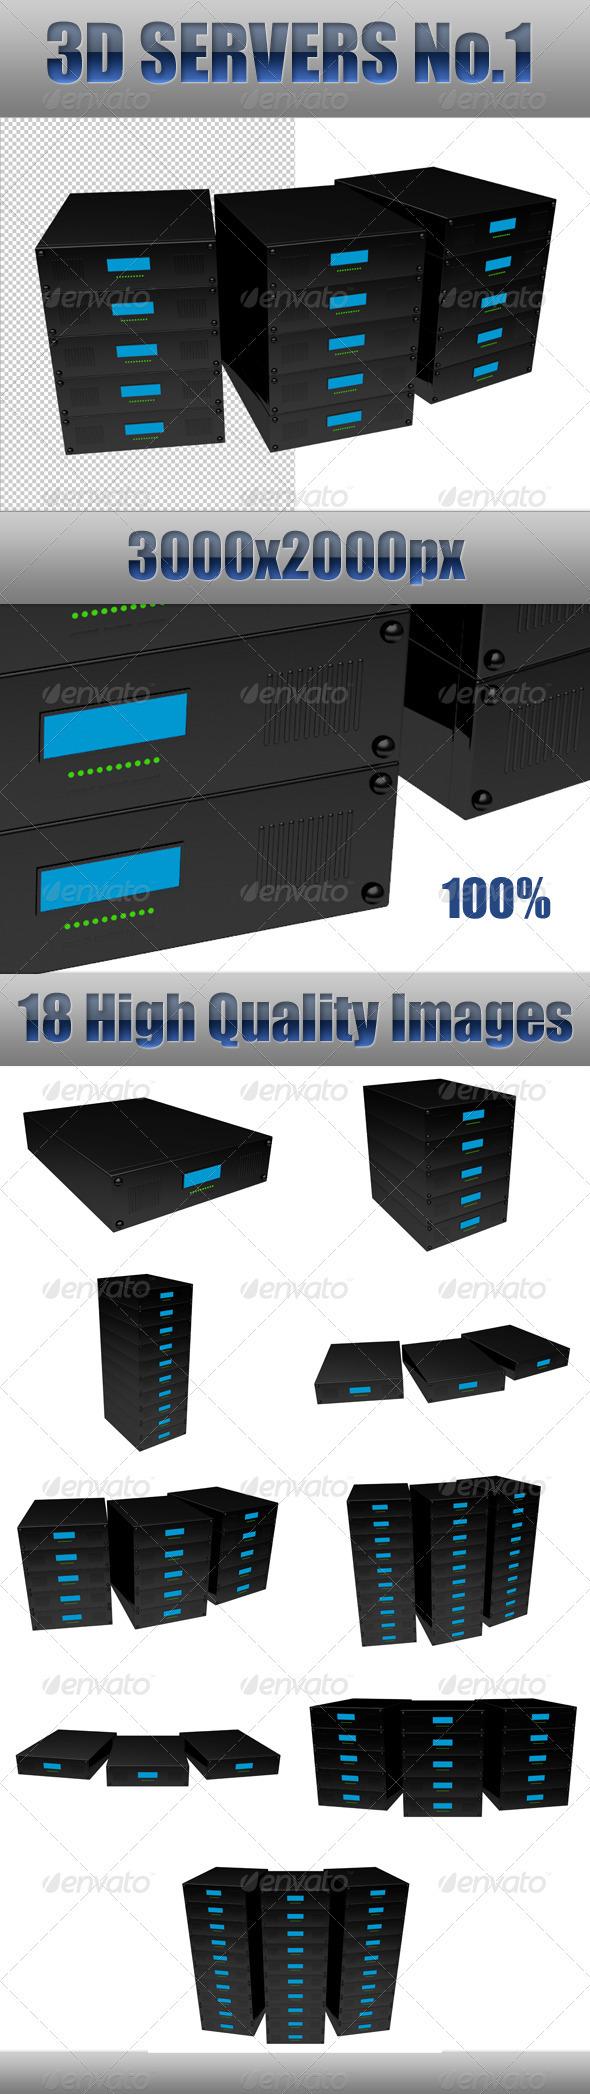 3D Servers No 1